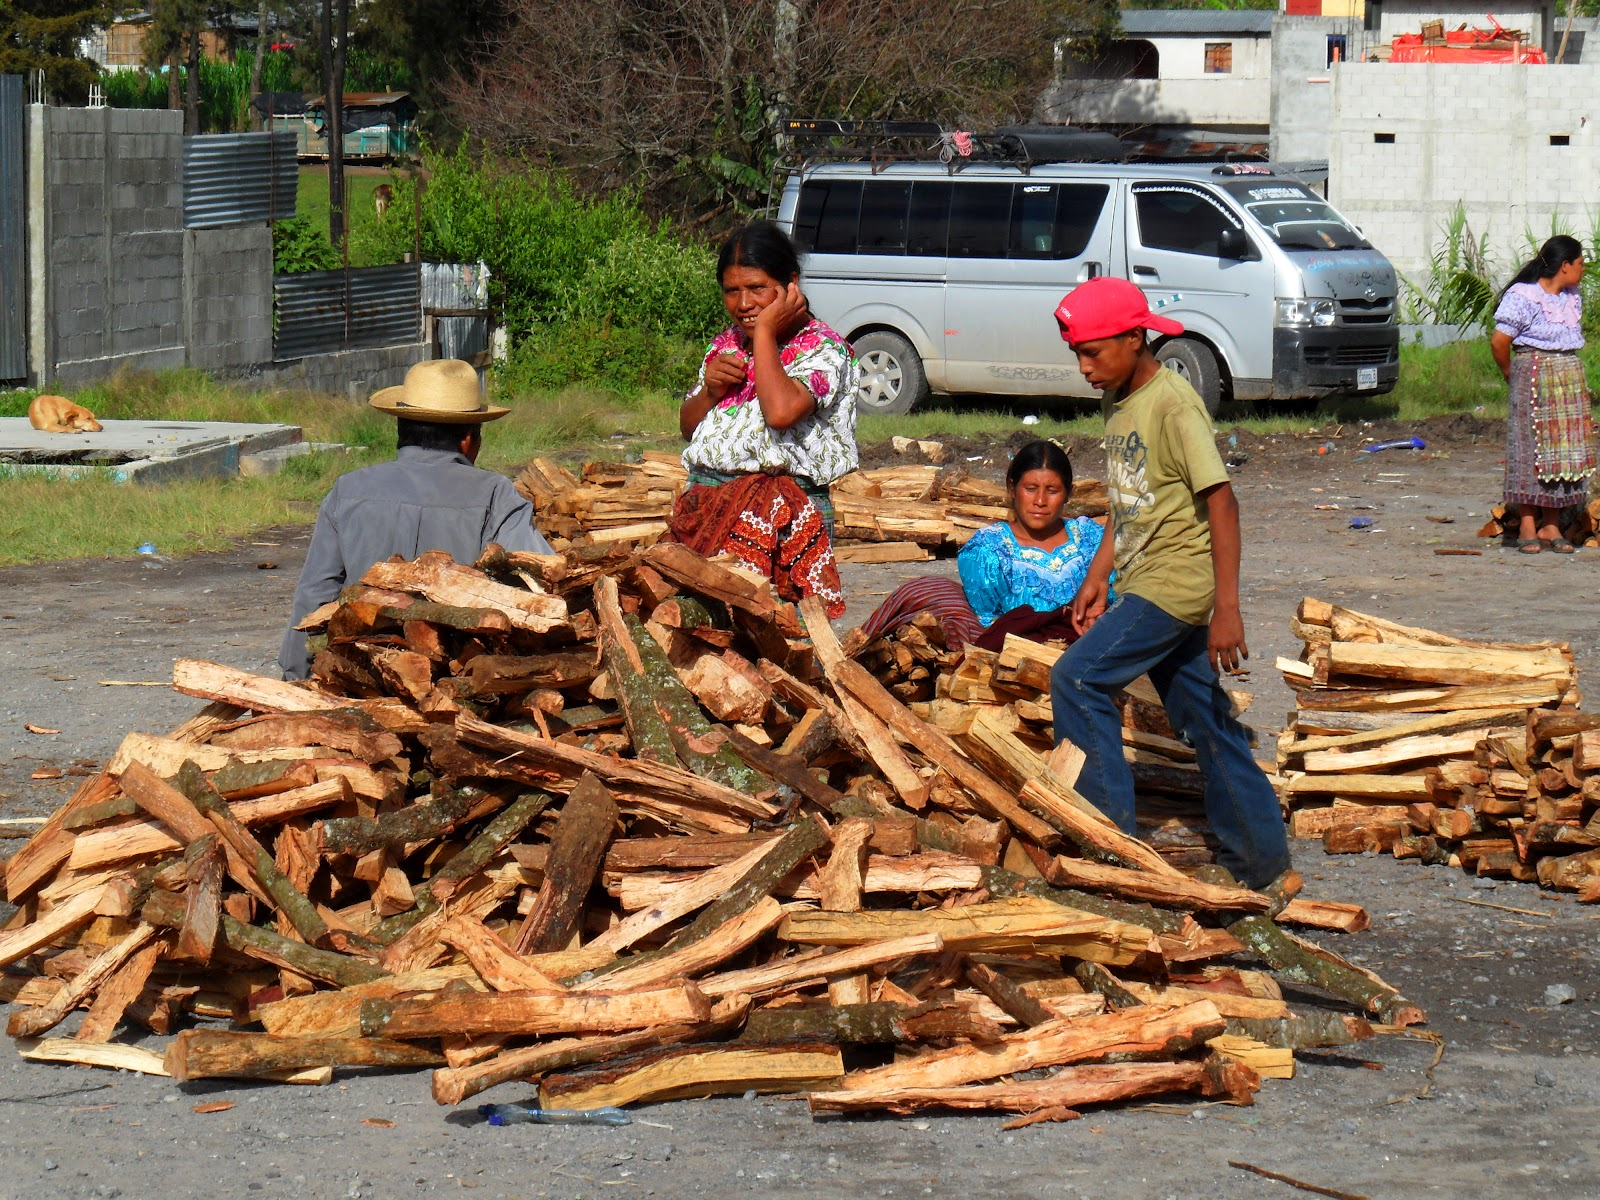 Pelas ESTRADAS DA GUATELAMA - Primeira jornada, de COBÁN a Chichicastenango | Guatemala